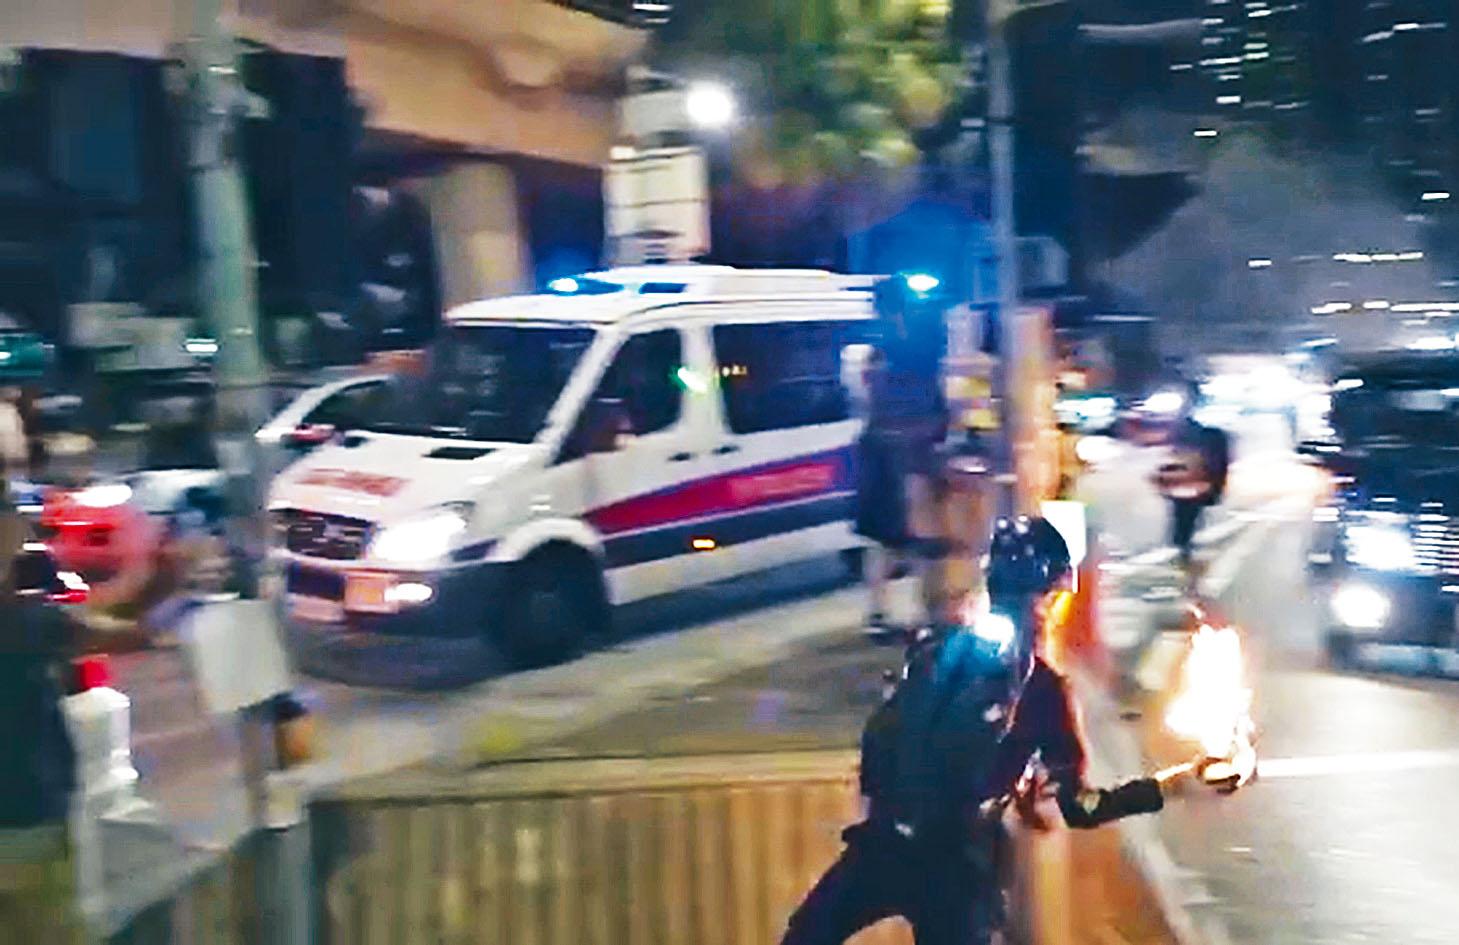 示威者向警車投擲汽油彈。網上圖片